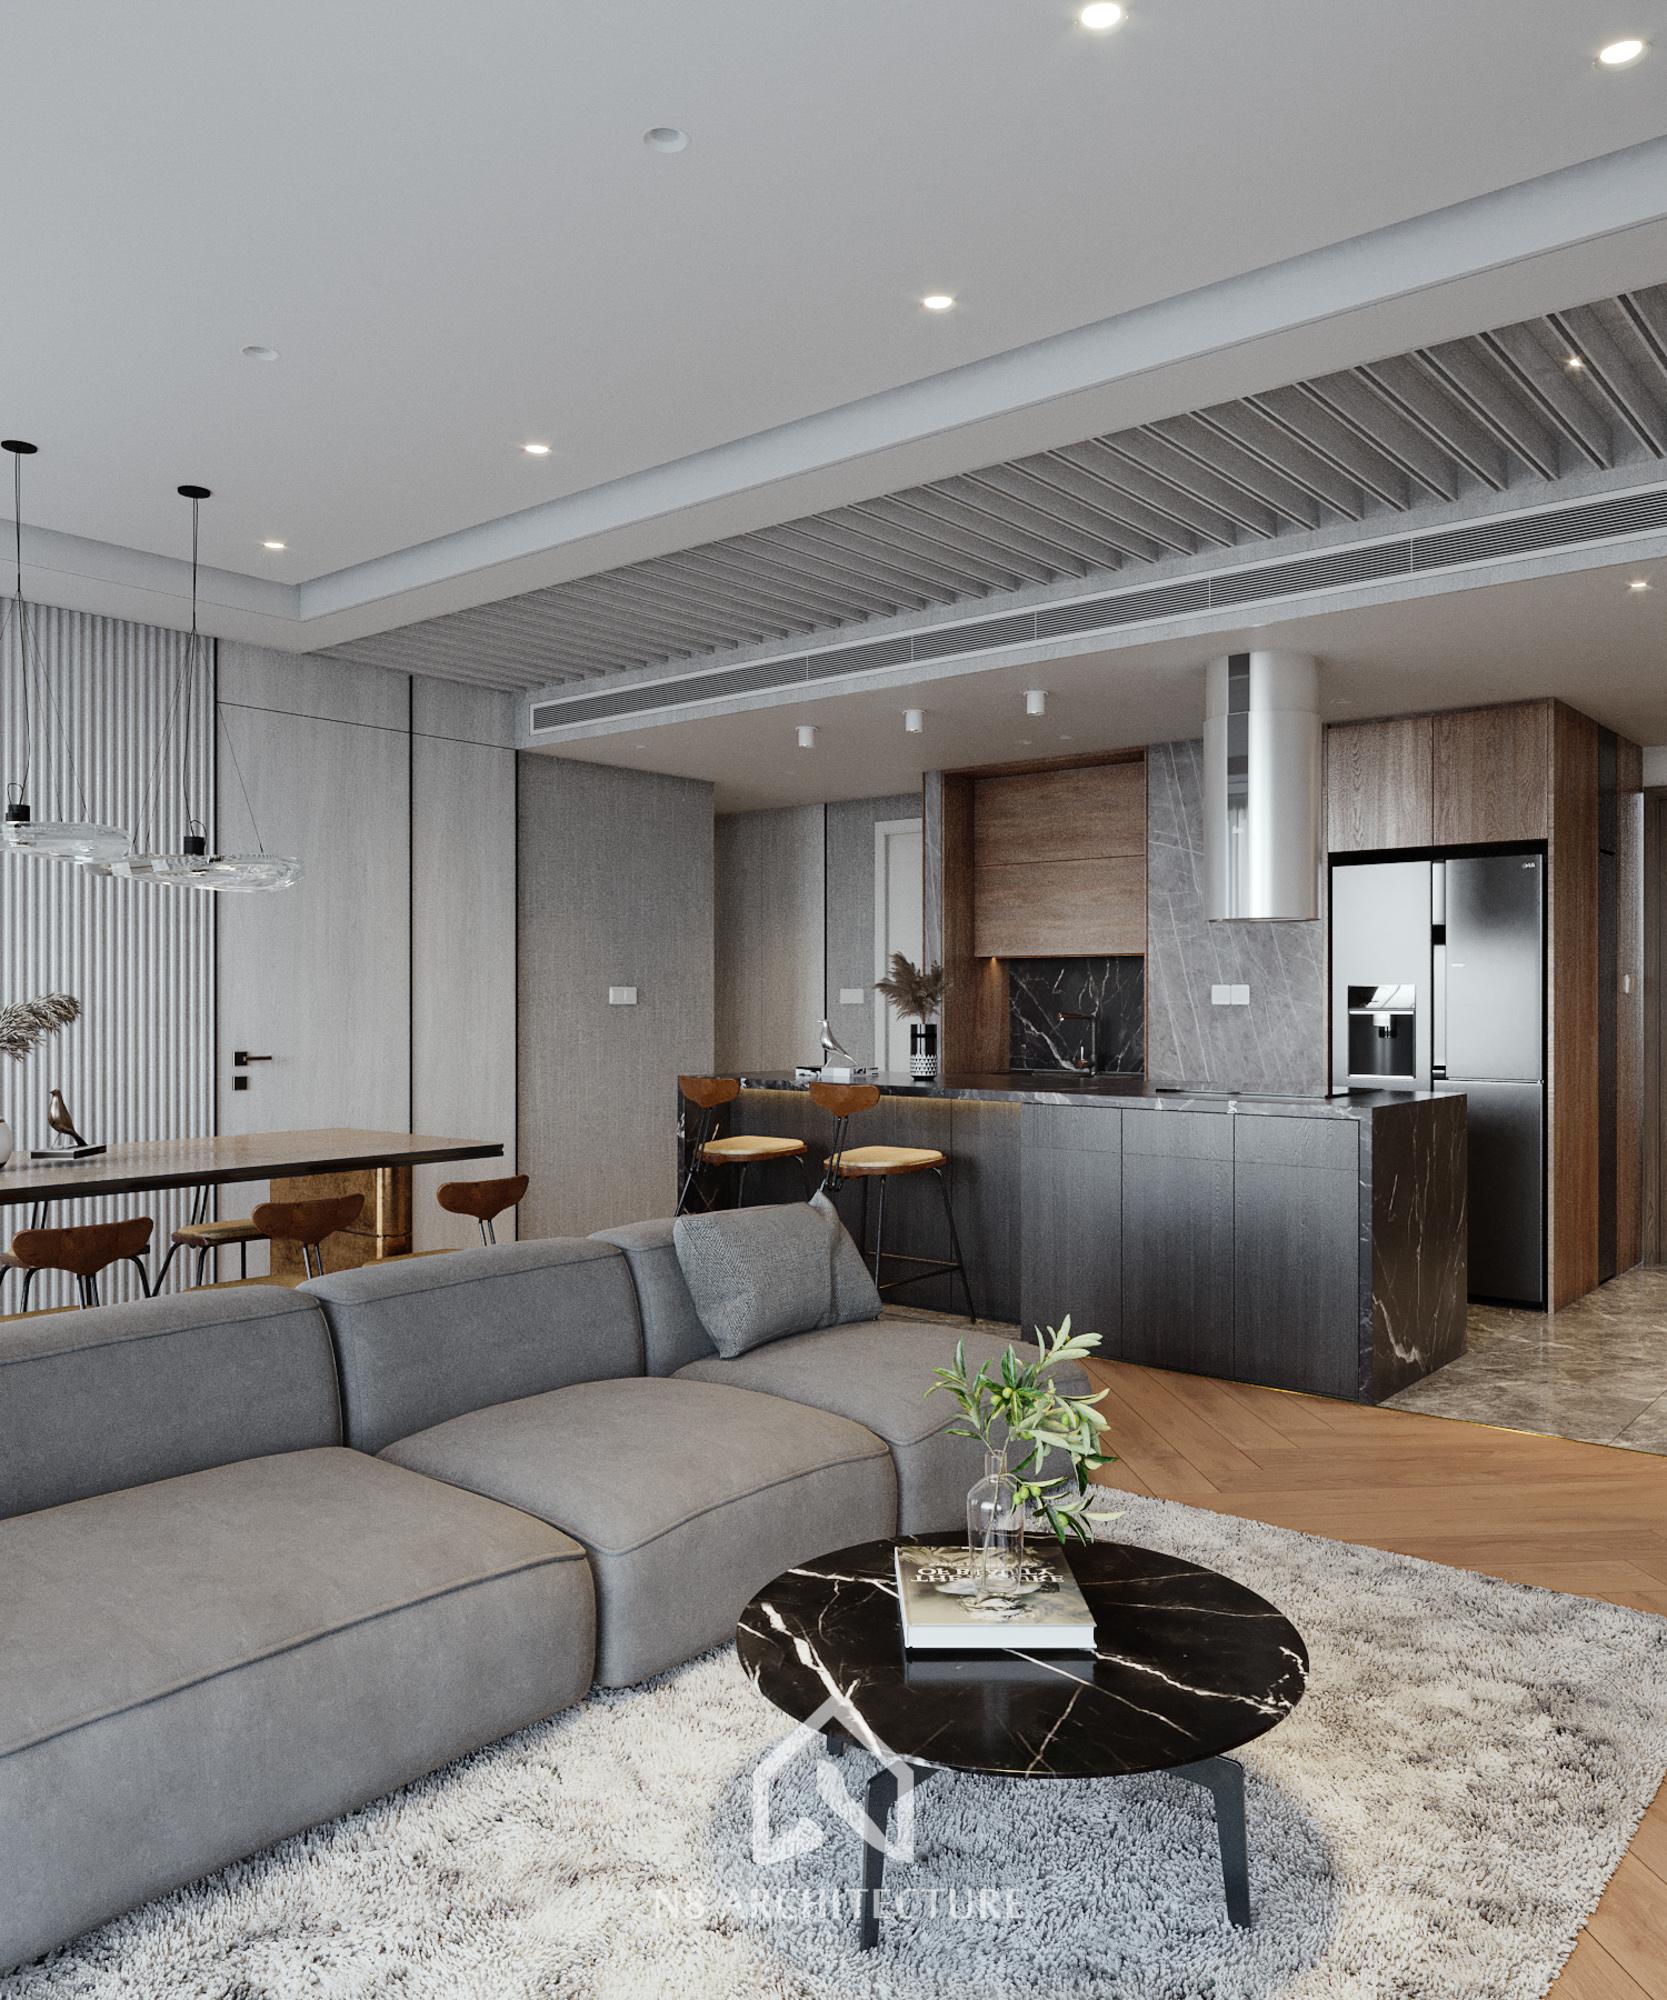 thiết kế nội thất chung cư vinhomes symphony 6